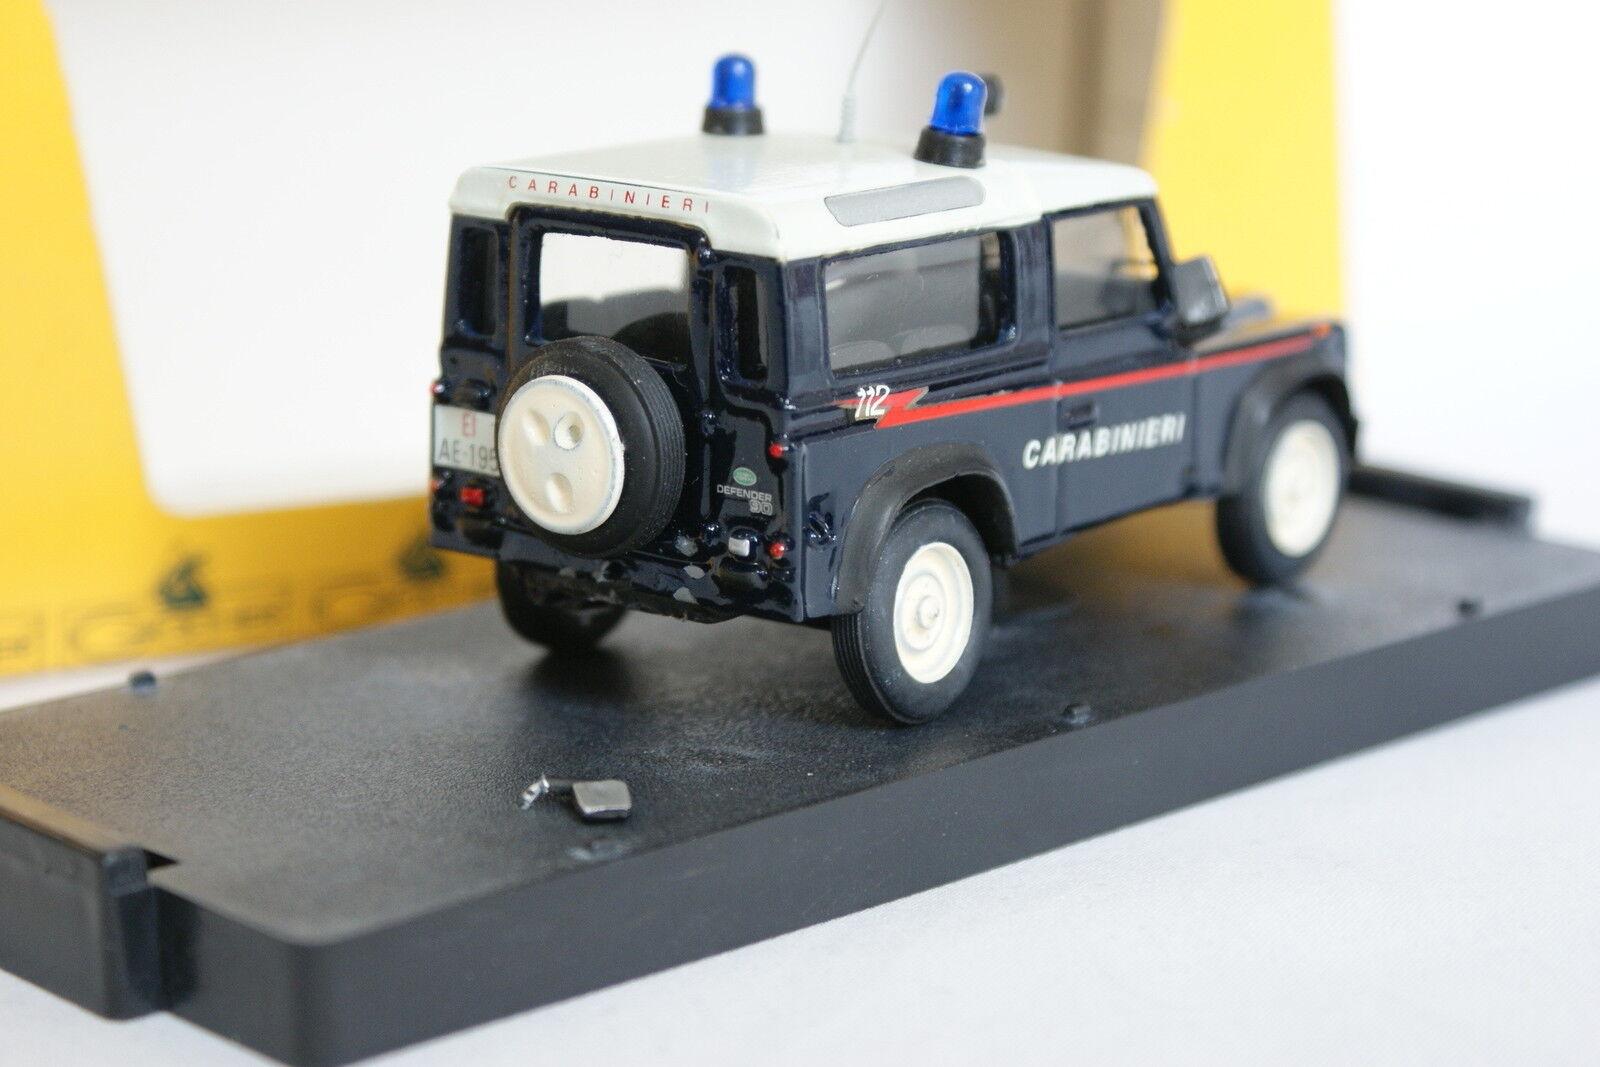 Giocher Résine 1 43 - - - Land Rover 90 Carabinieri e8eb69